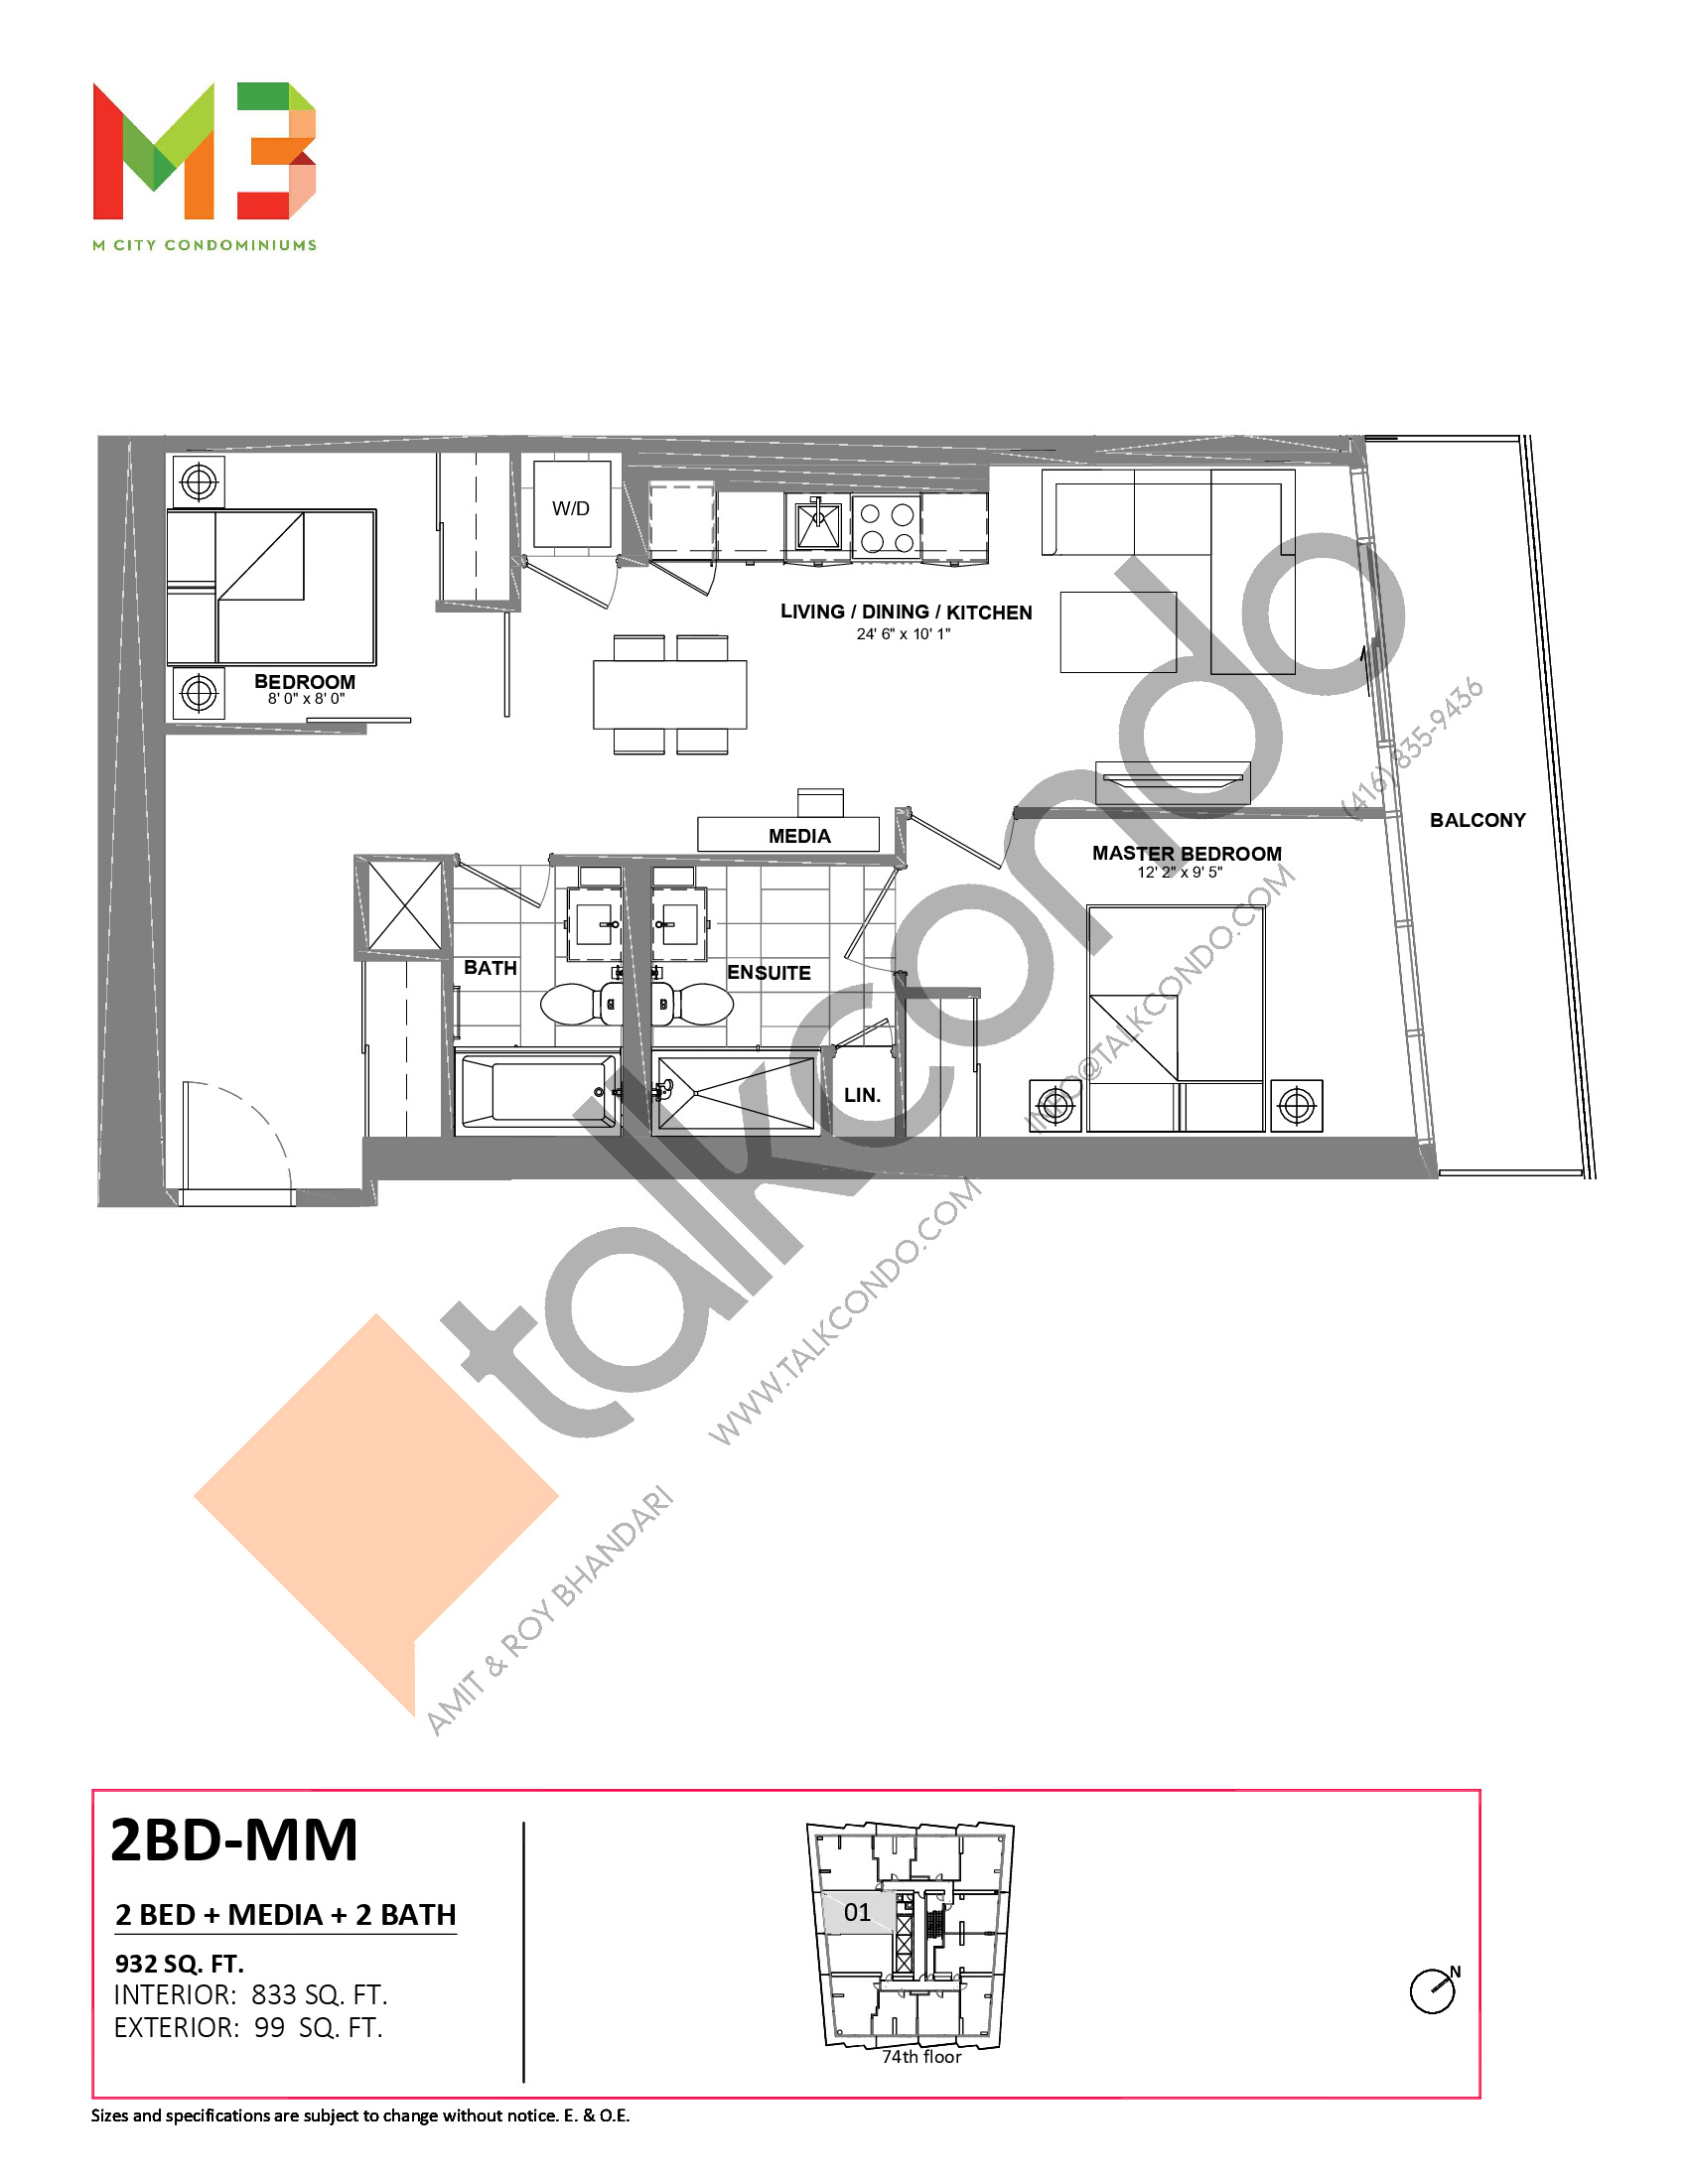 2BD-MM Floor Plan at M3 Condos - 833 sq.ft